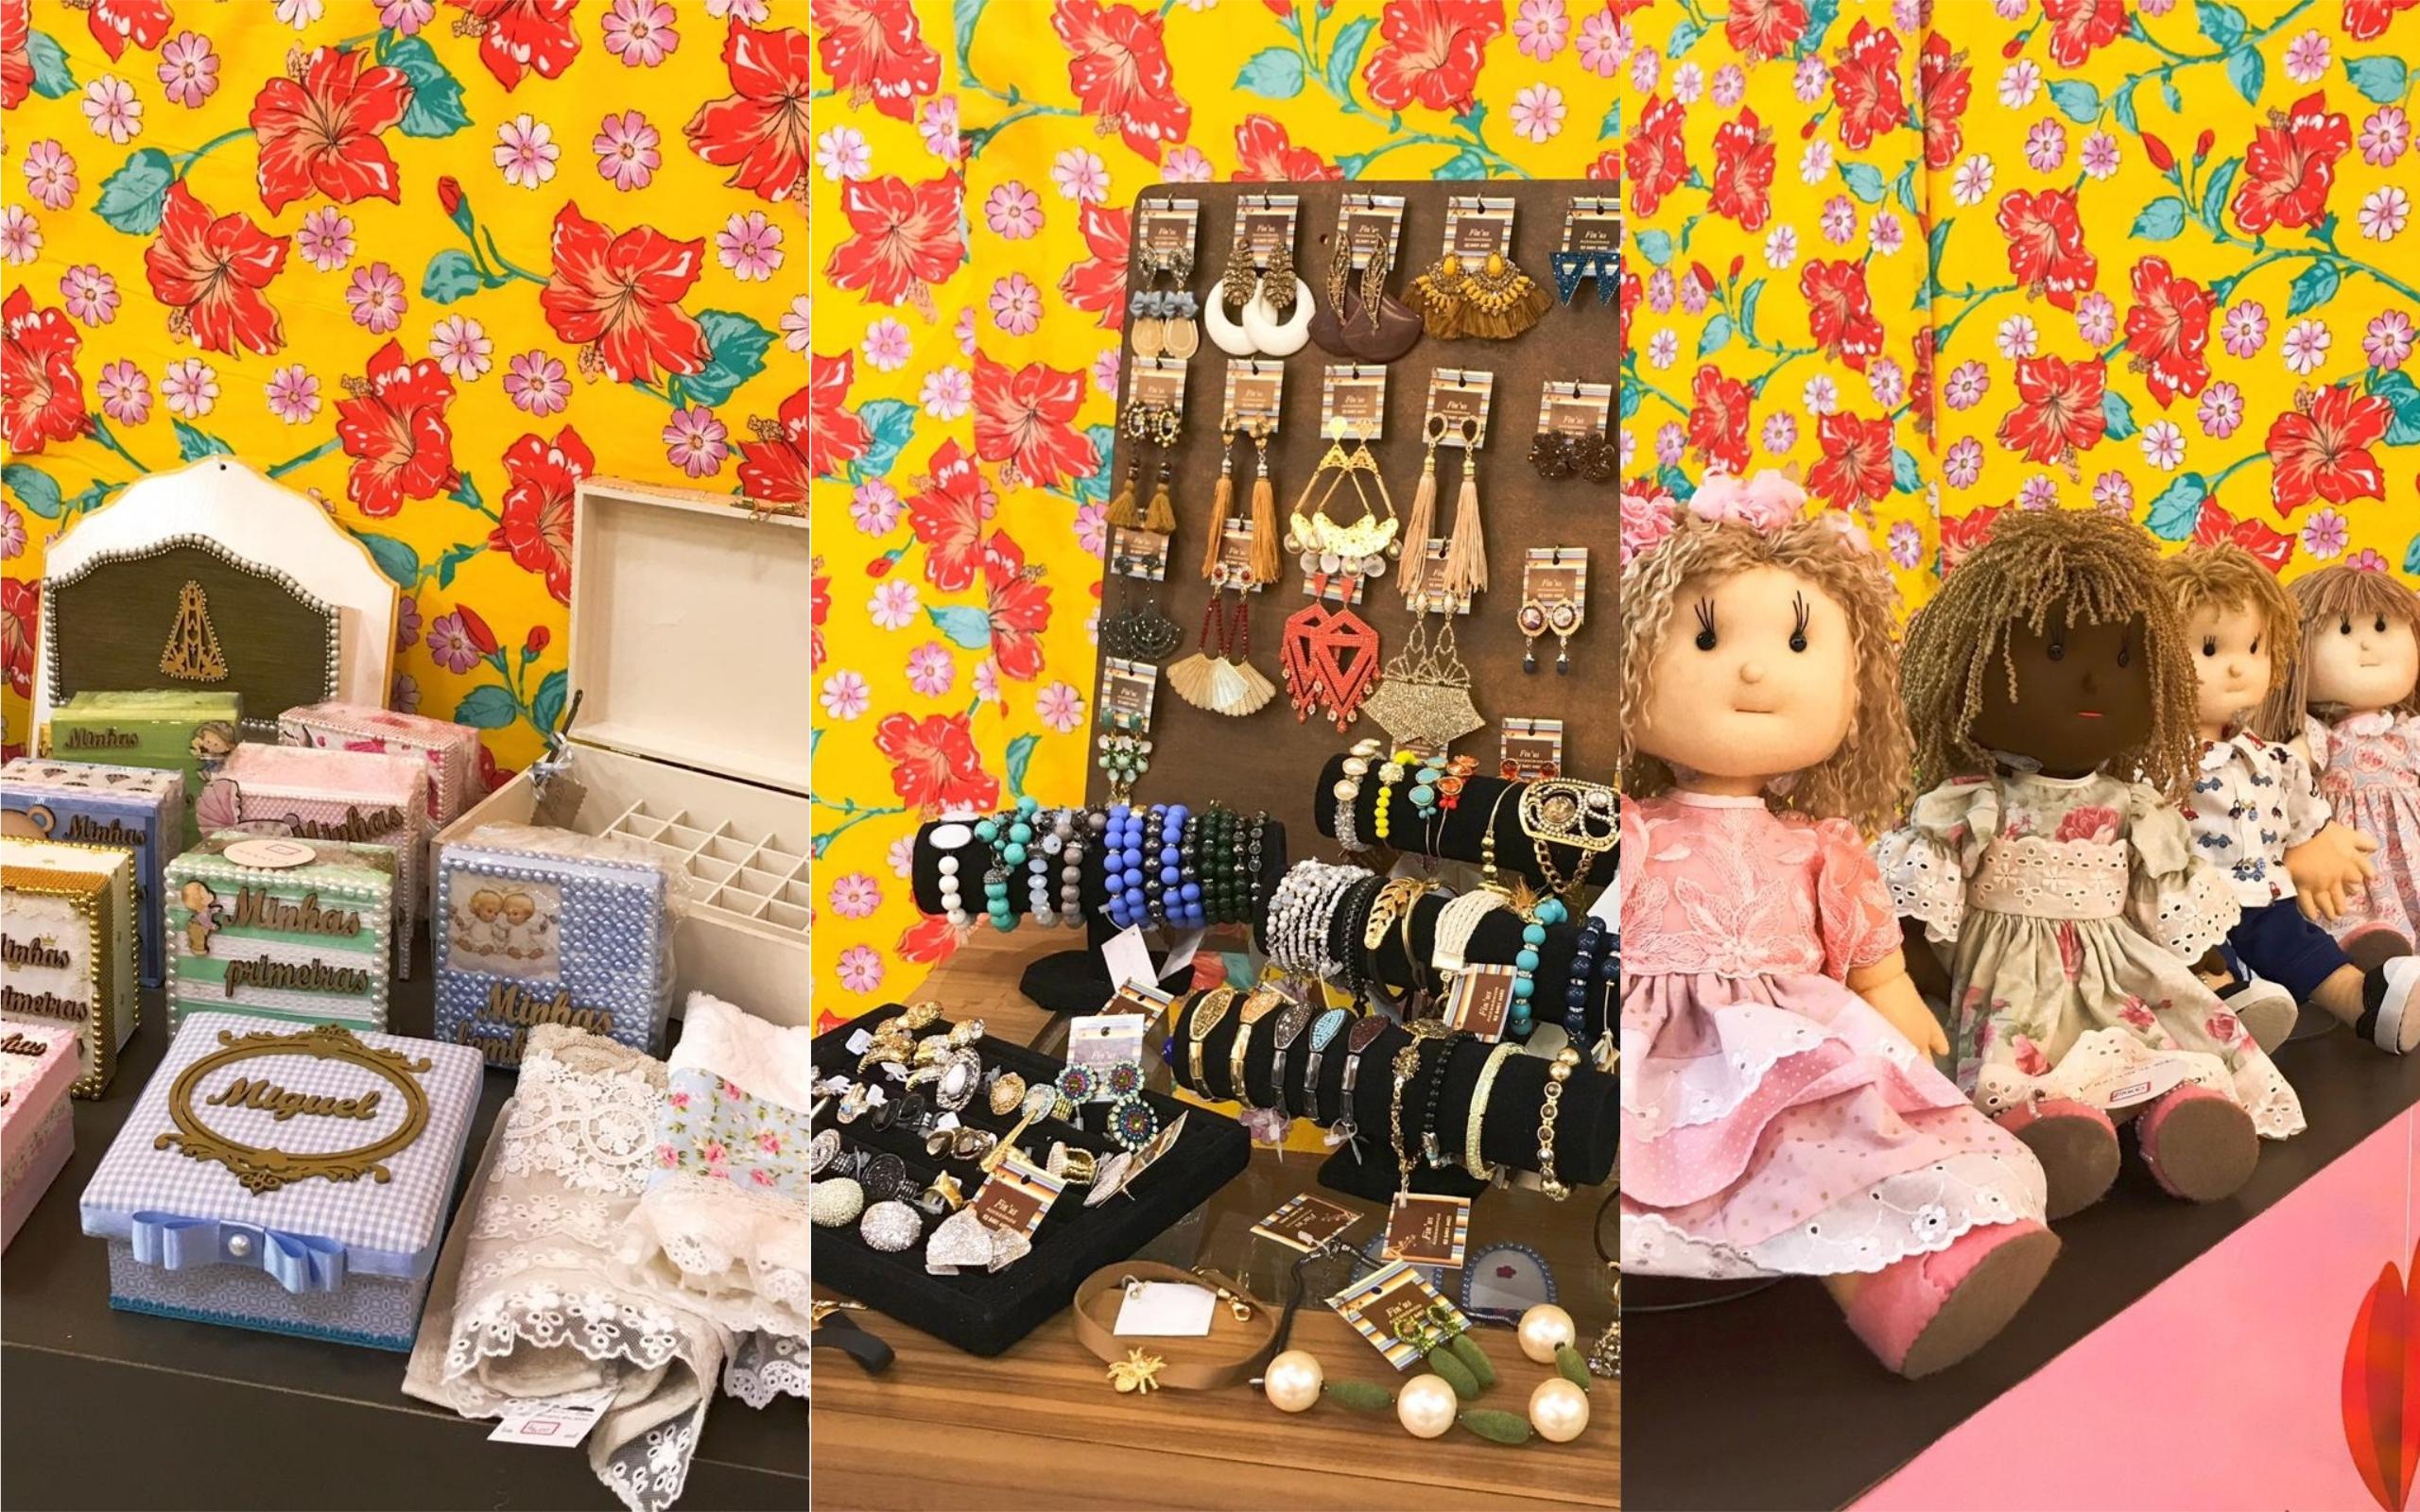 Loja Colaborativa de shopping em Goiânia recebe a Feirinha do Coração